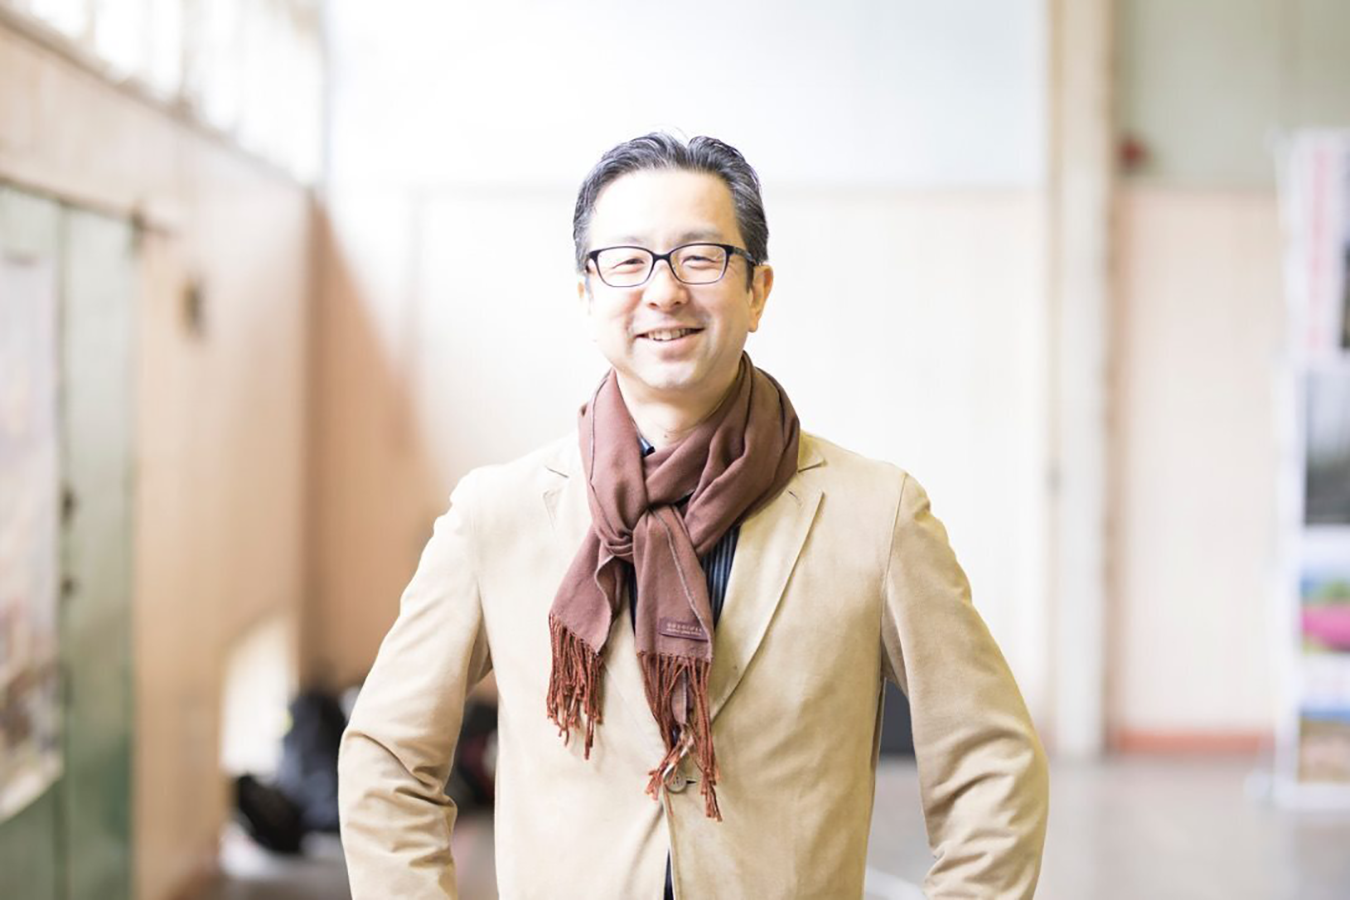 「豊かな死生観」が未来への希望?元総務大臣補佐官・太田直樹さんが語る地方の可能性